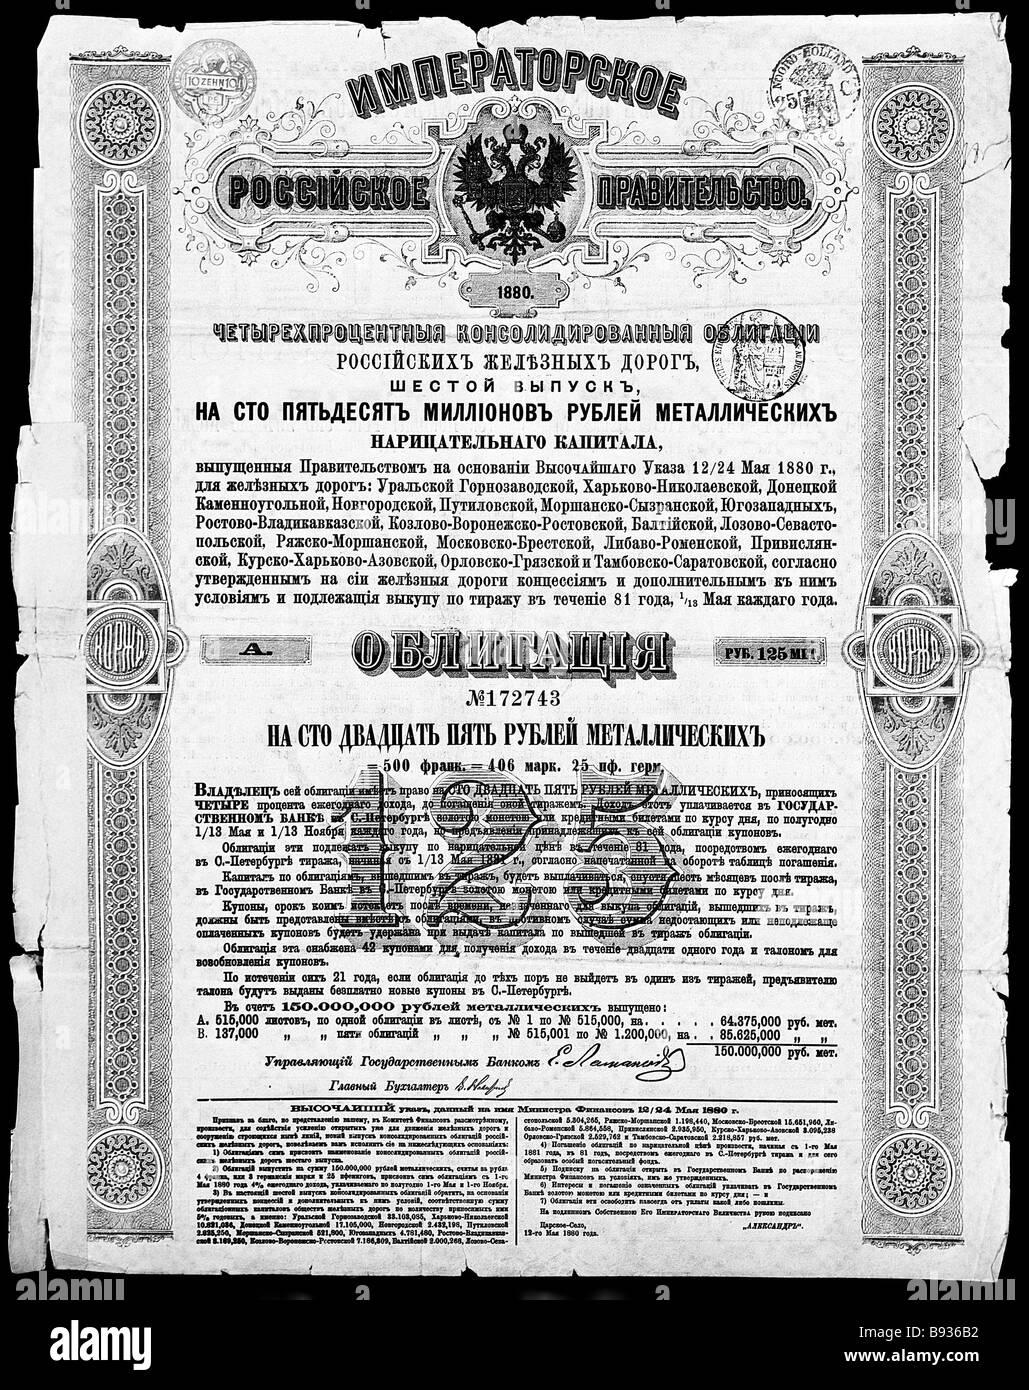 Questo legame di 125 rubli in moneta fu rilasciato dal russo governo regio nel 1880 Immagini Stock